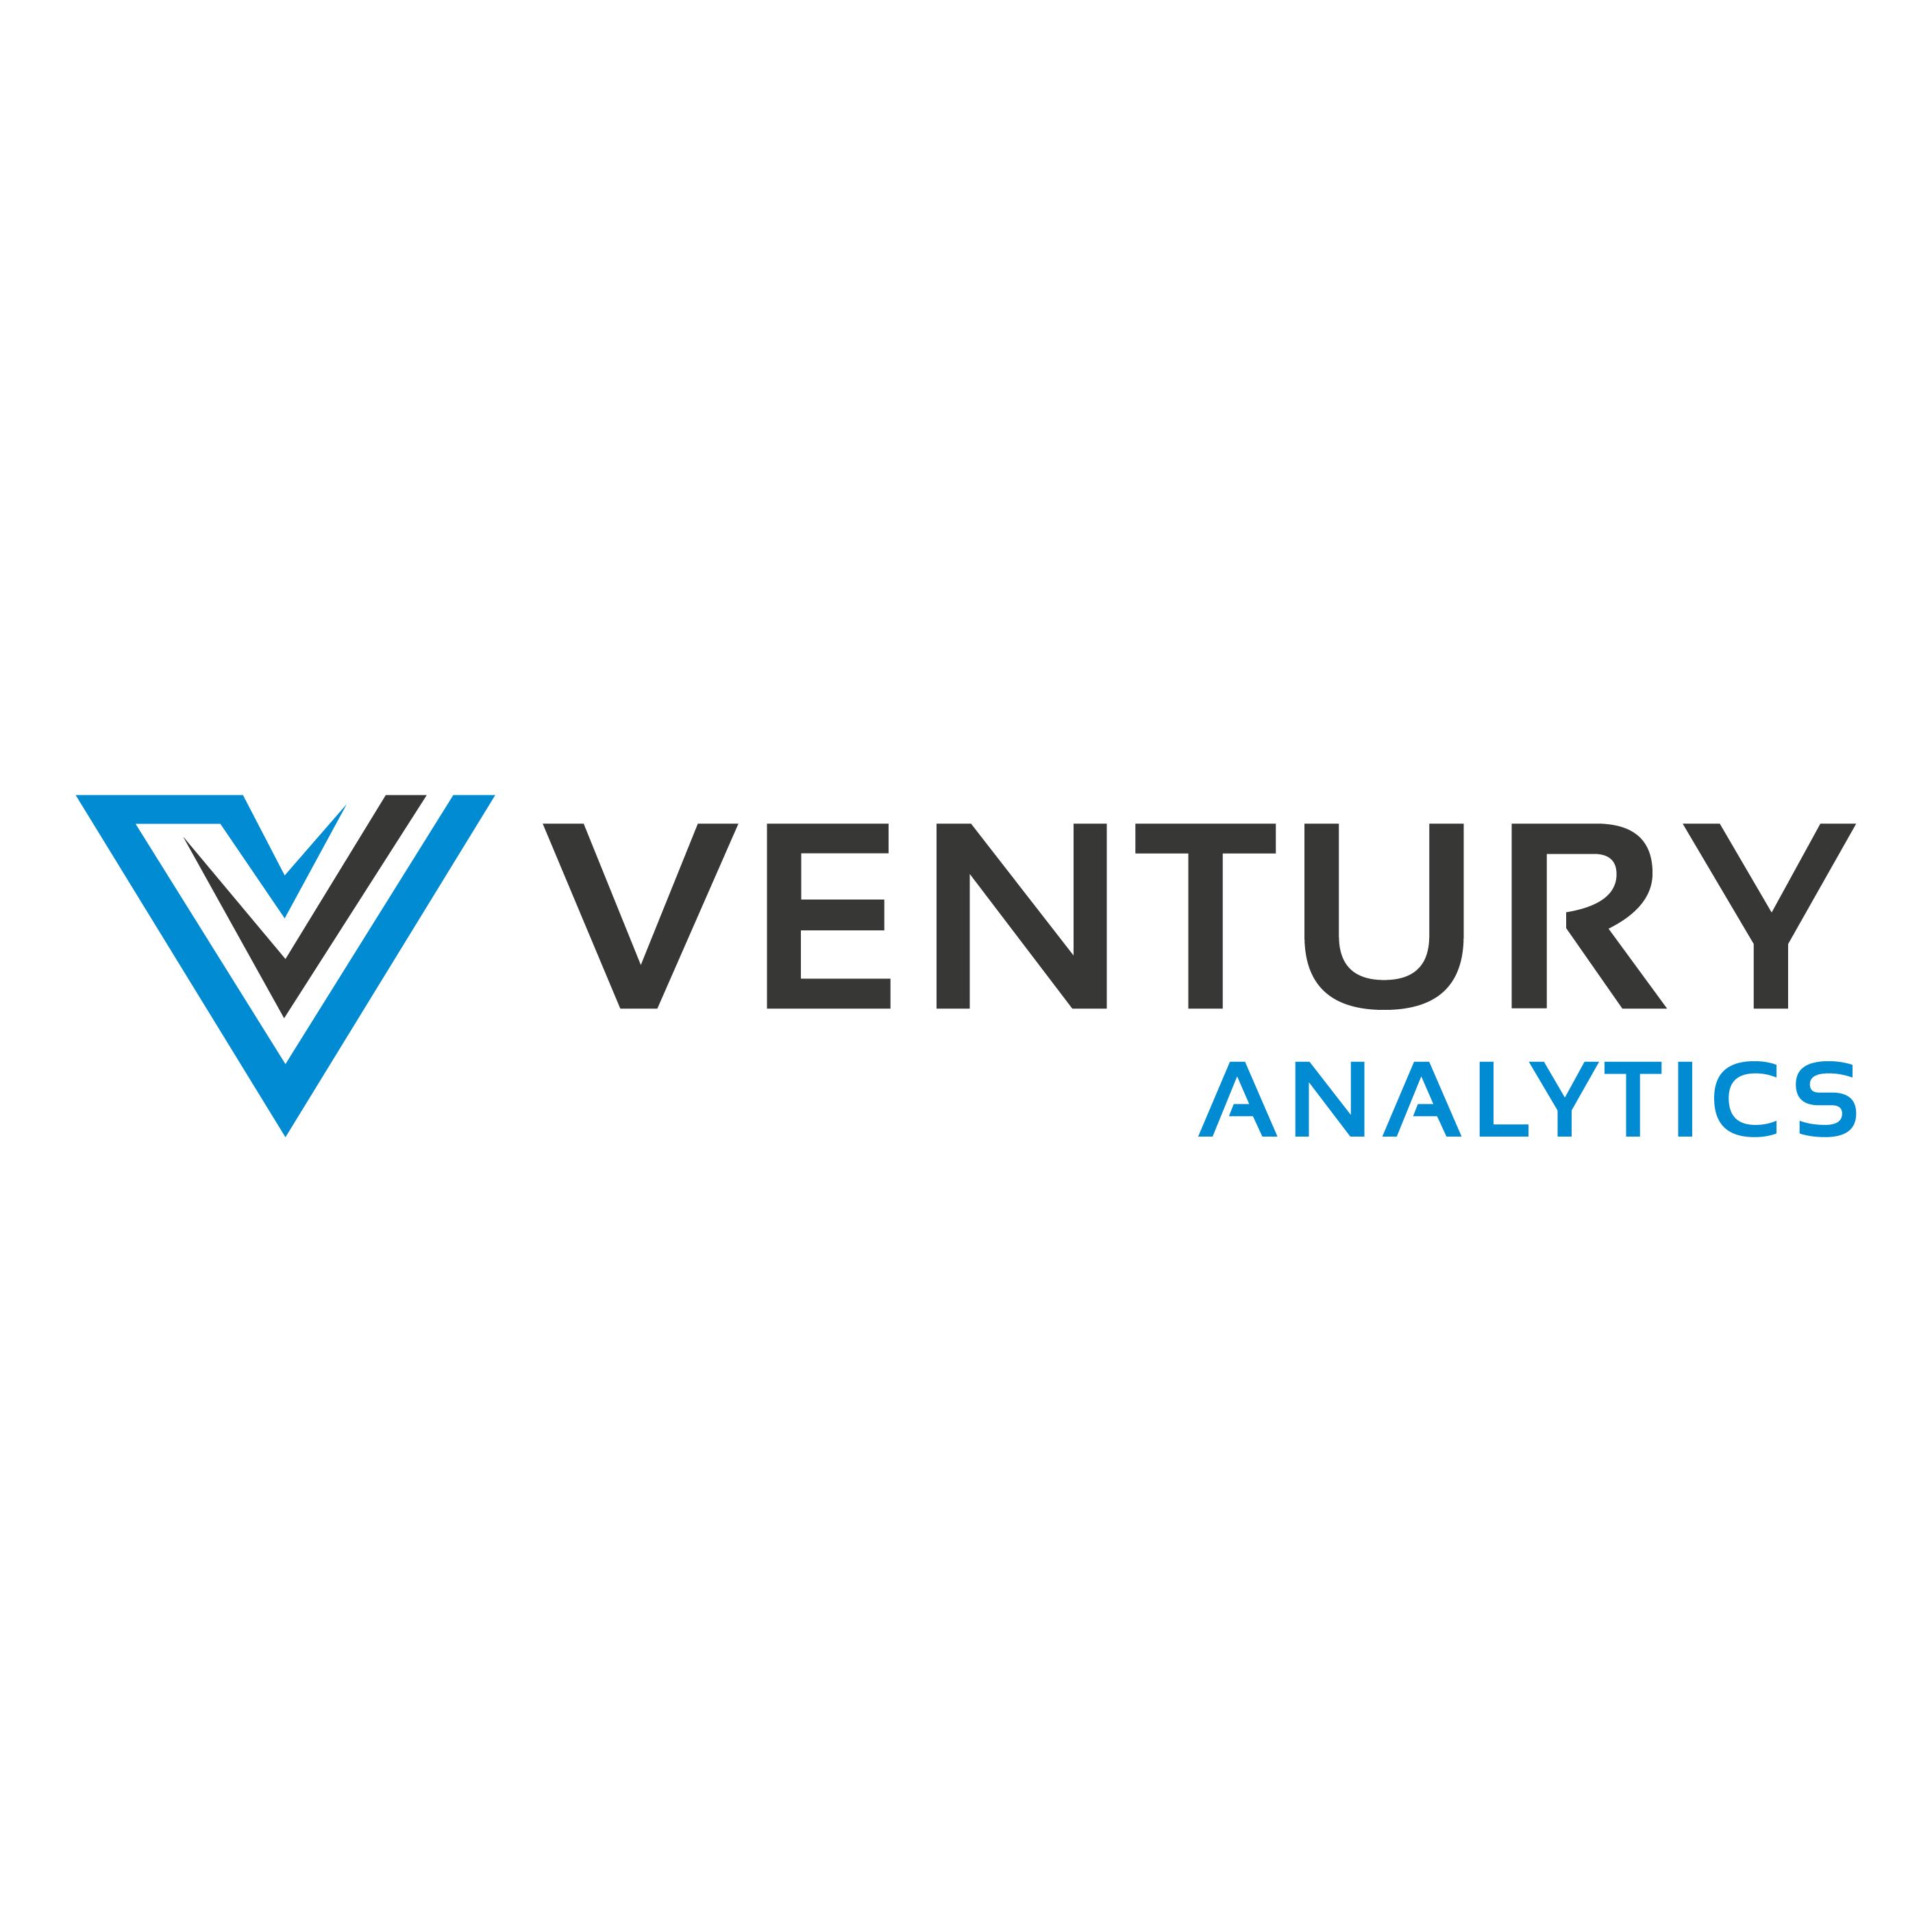 Bild zu Ventury Analytics GmbH in Nürnberg